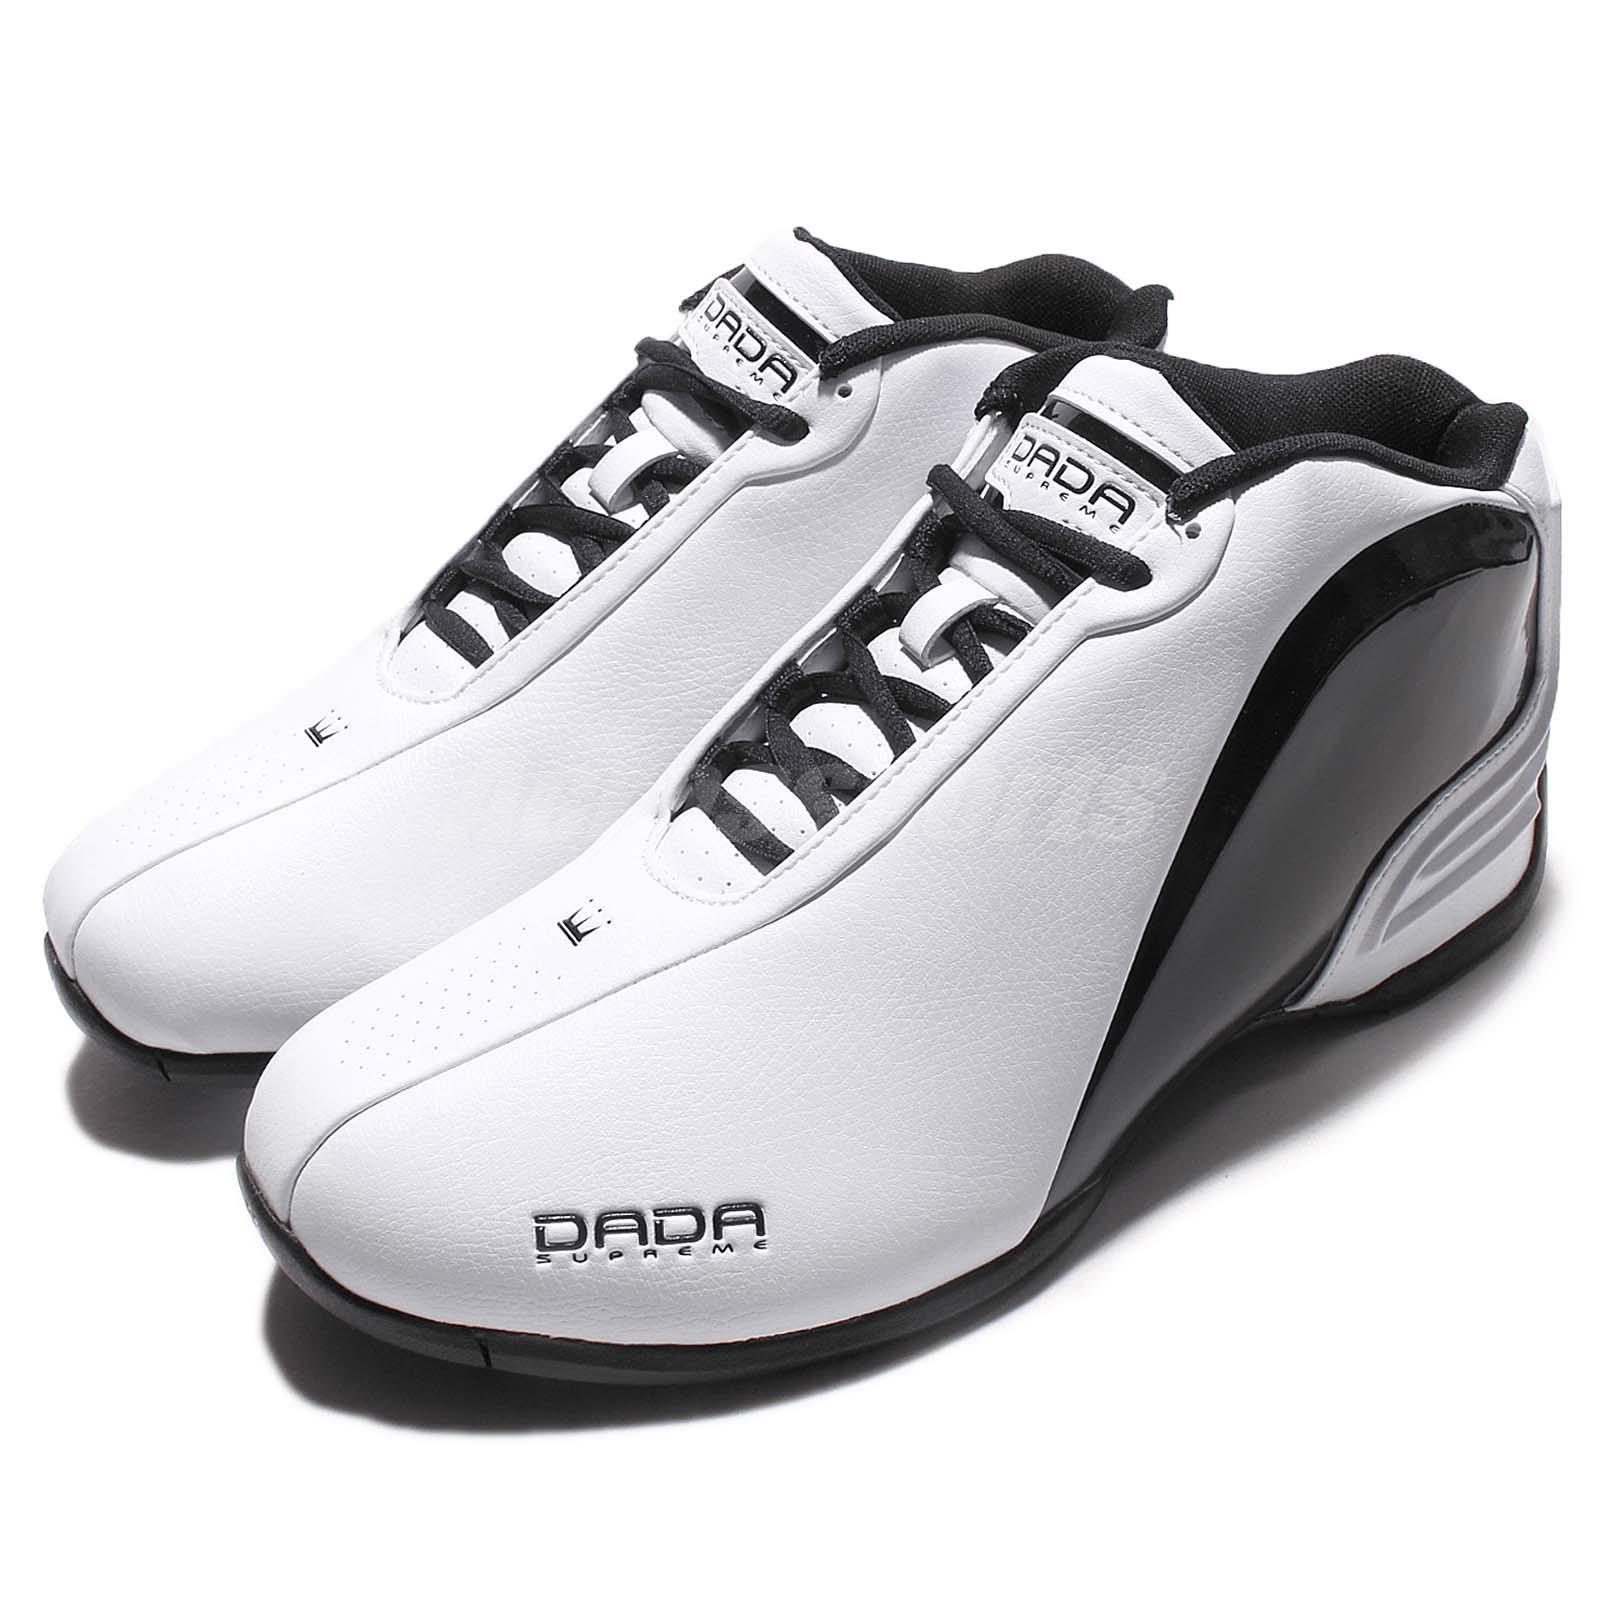 6fdf6091ab3045 Chris Webber Dada Shoes